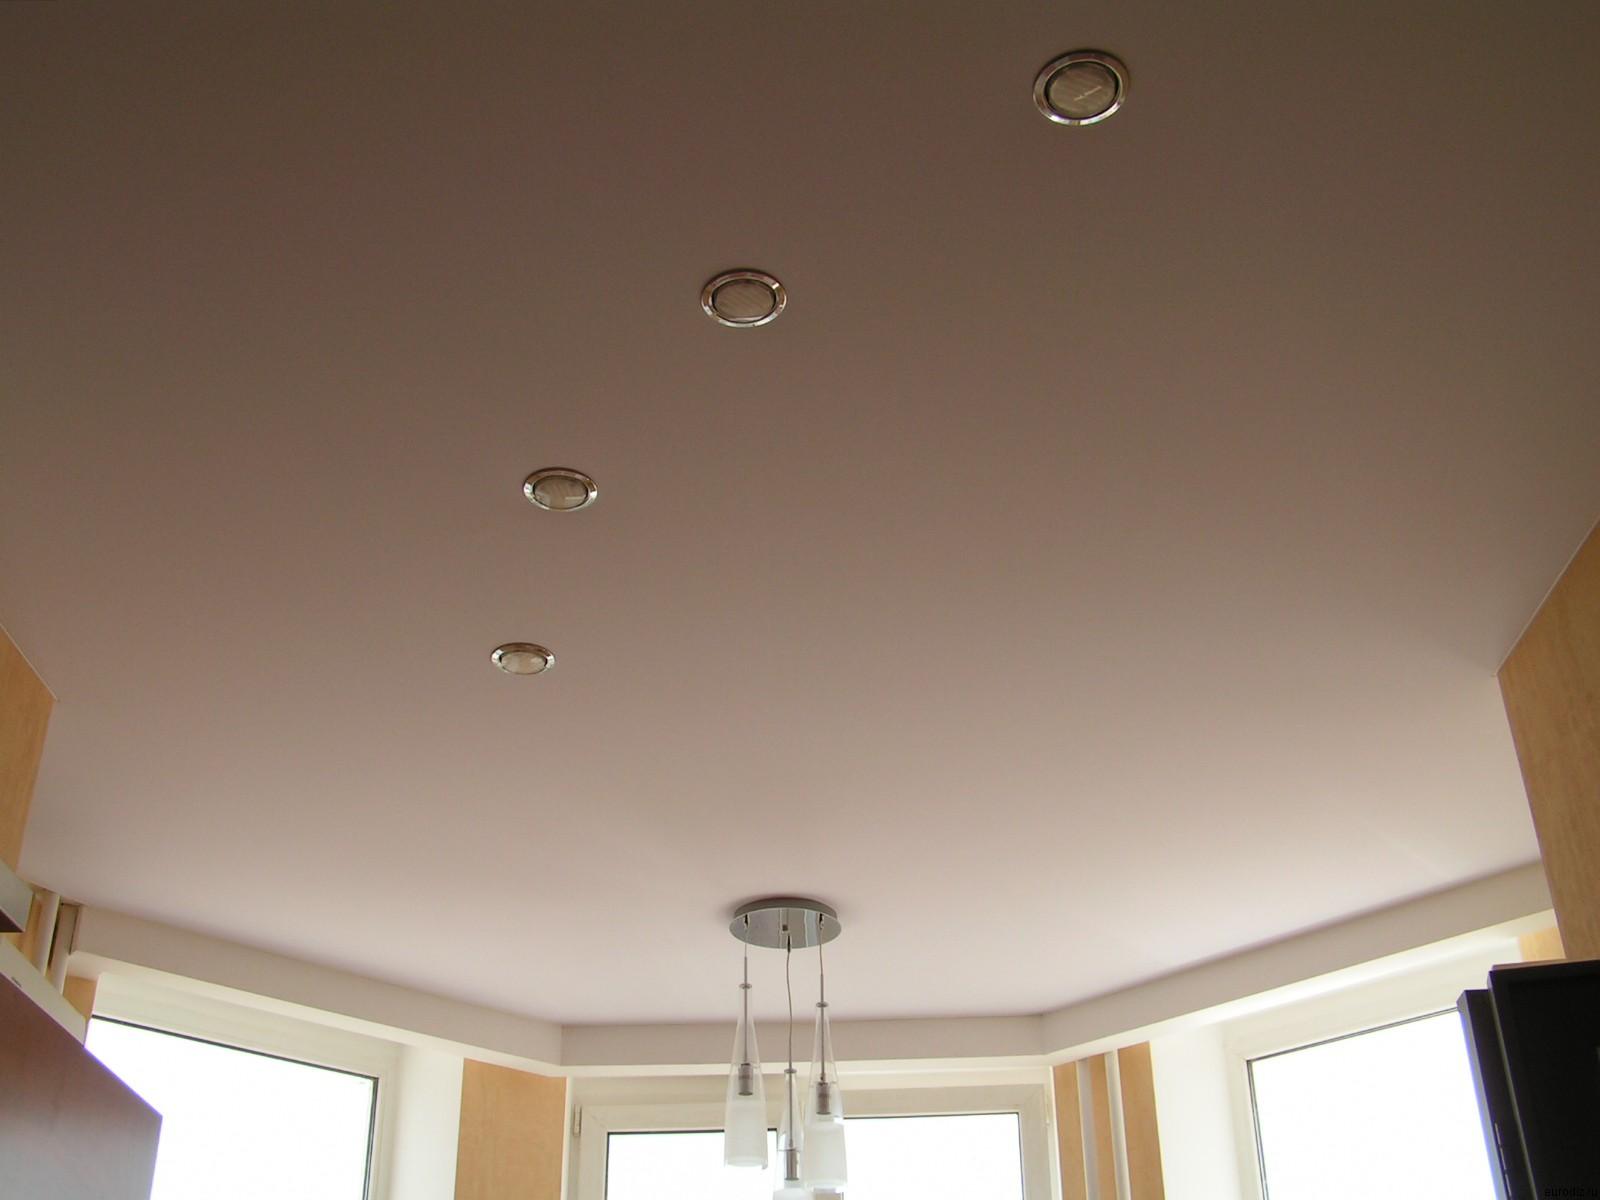 подвесной потолок фото эксперты